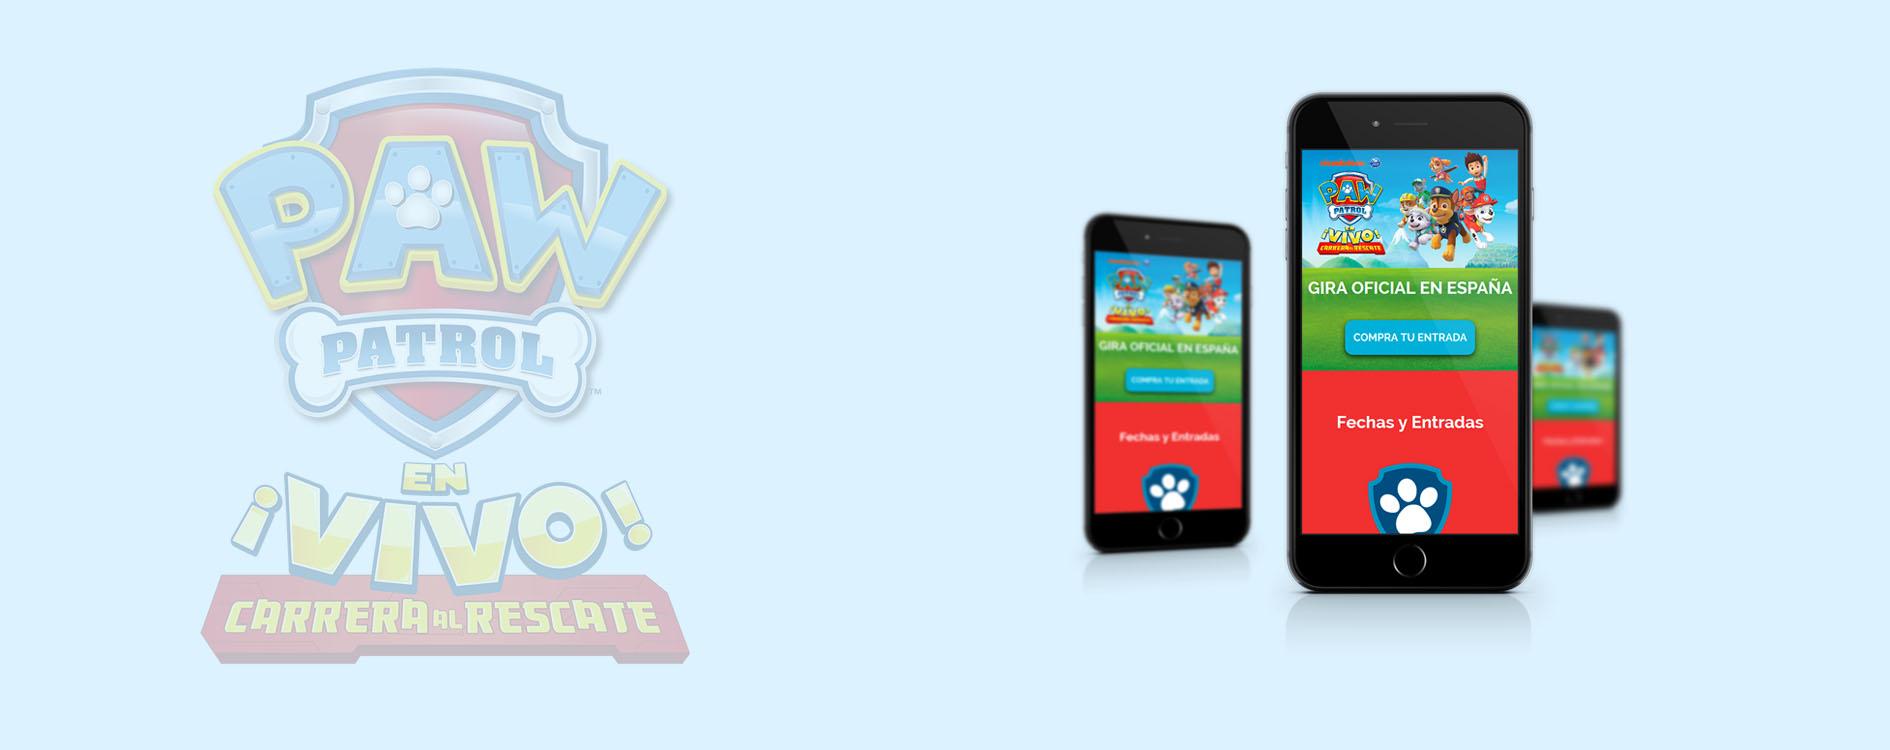 OHVisual - Digital And Online - La Patrulla Canina ¡En Vivo! | Gira Oficial en España